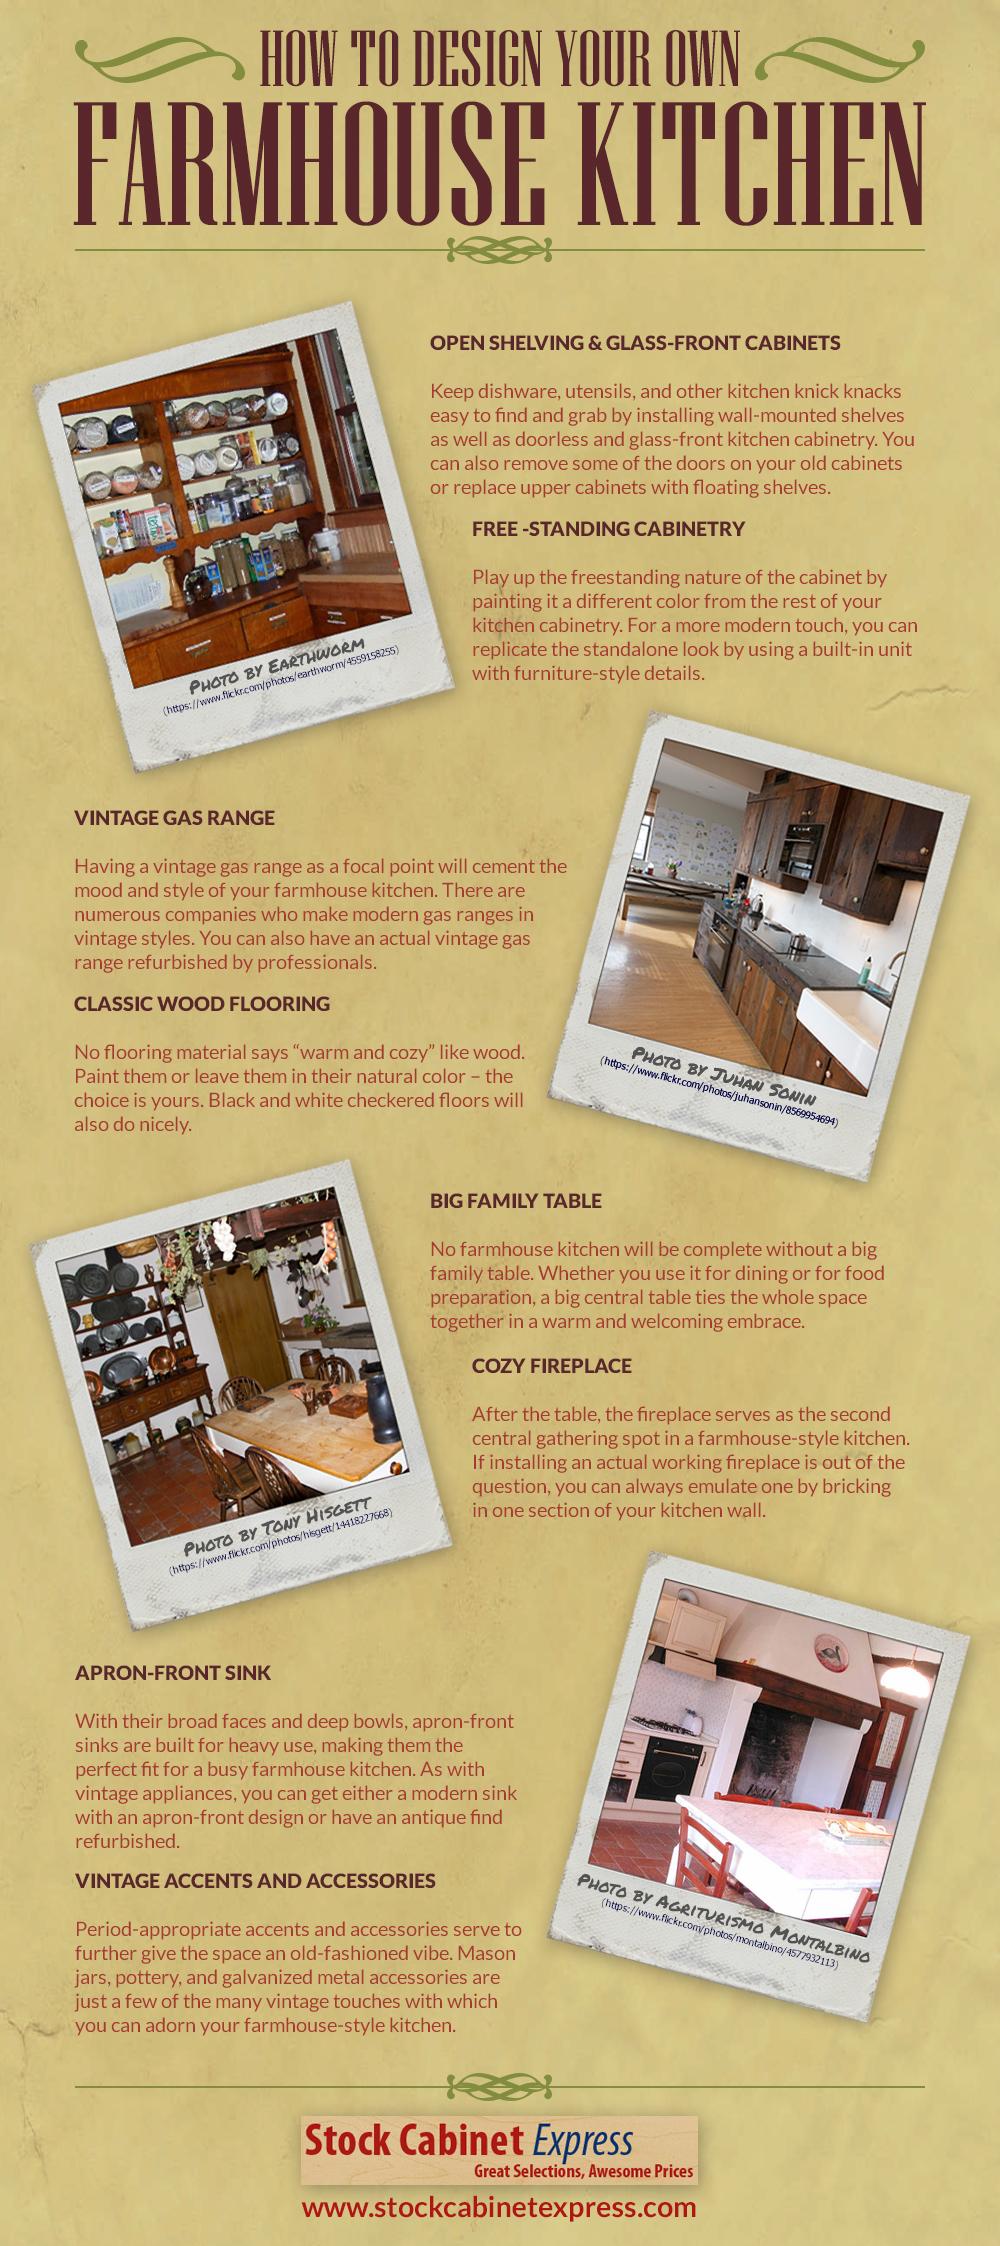 Create Your Own Farmhouse Kitchen